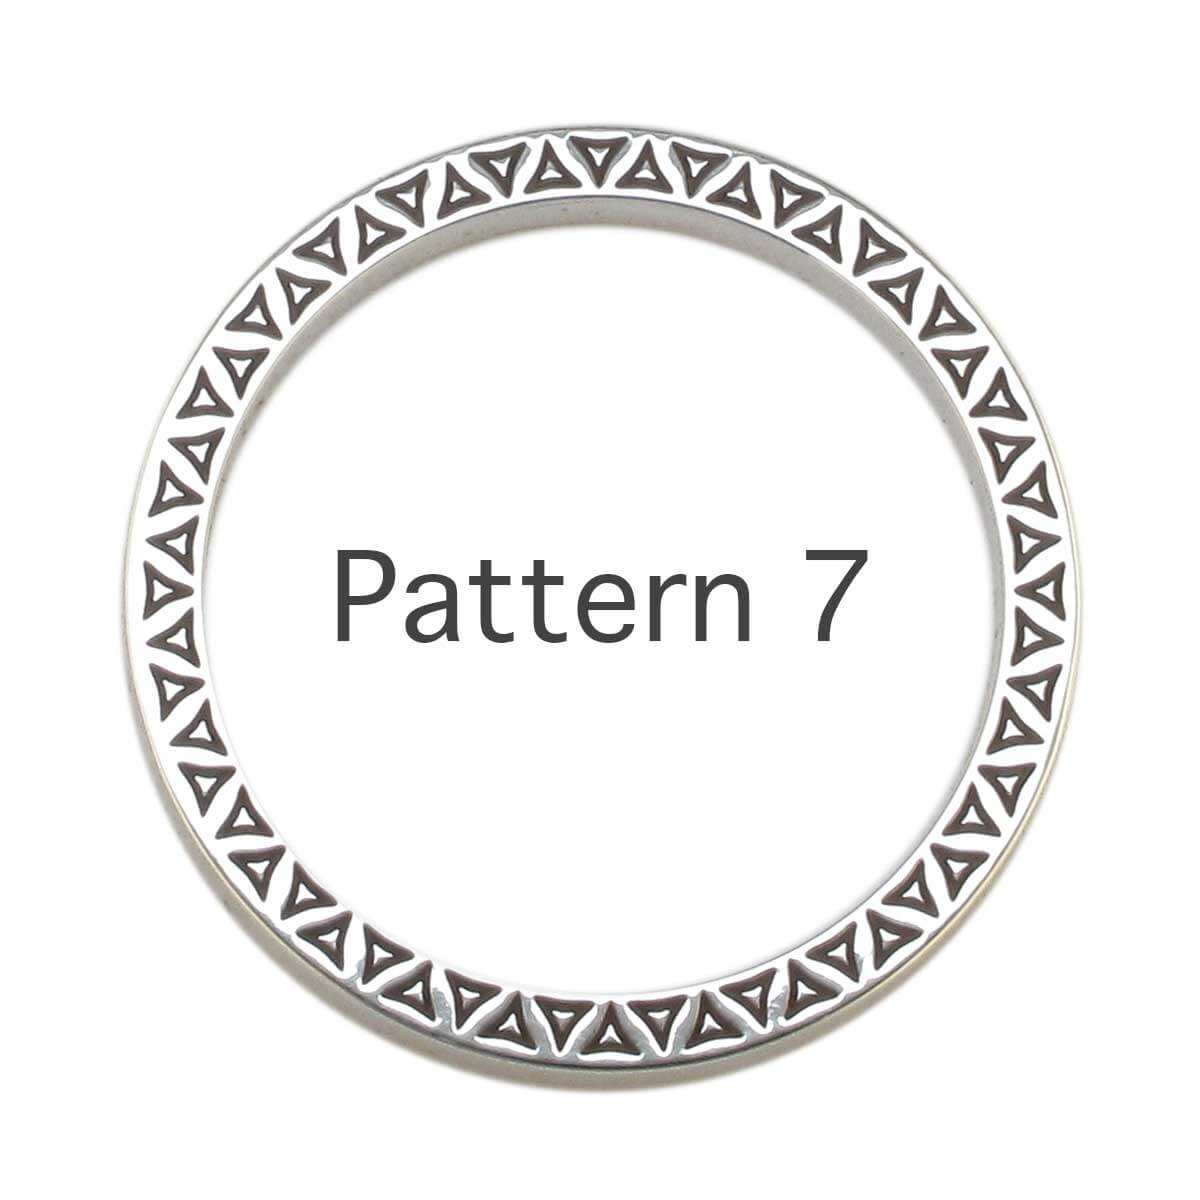 kryptos ring pattern 7